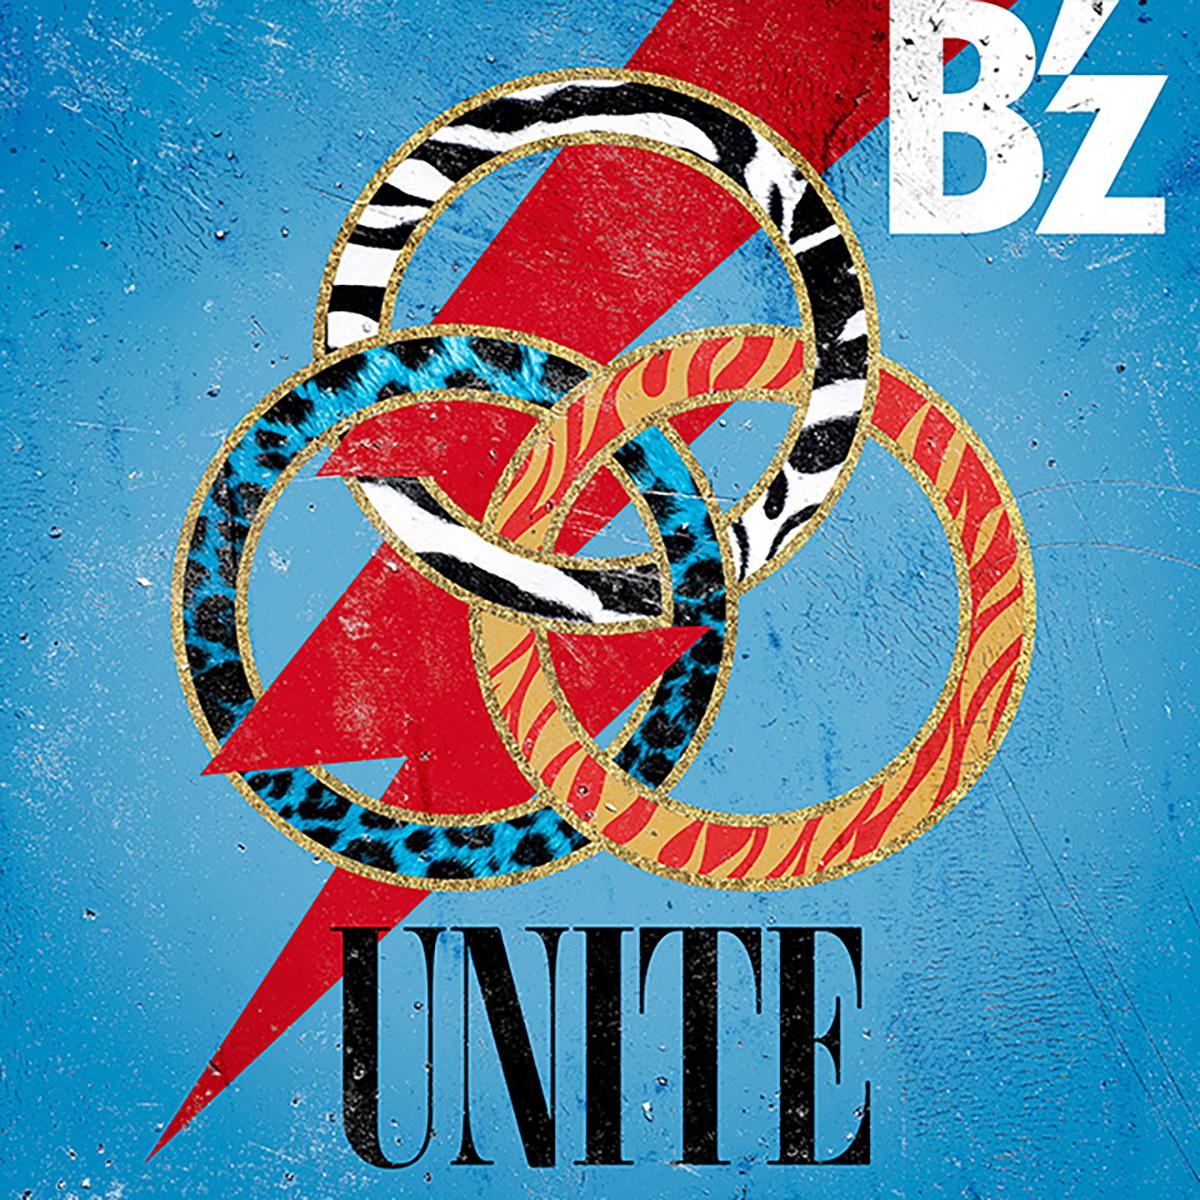 『B'z - UNITE』収録の『UNITE』ジャケット